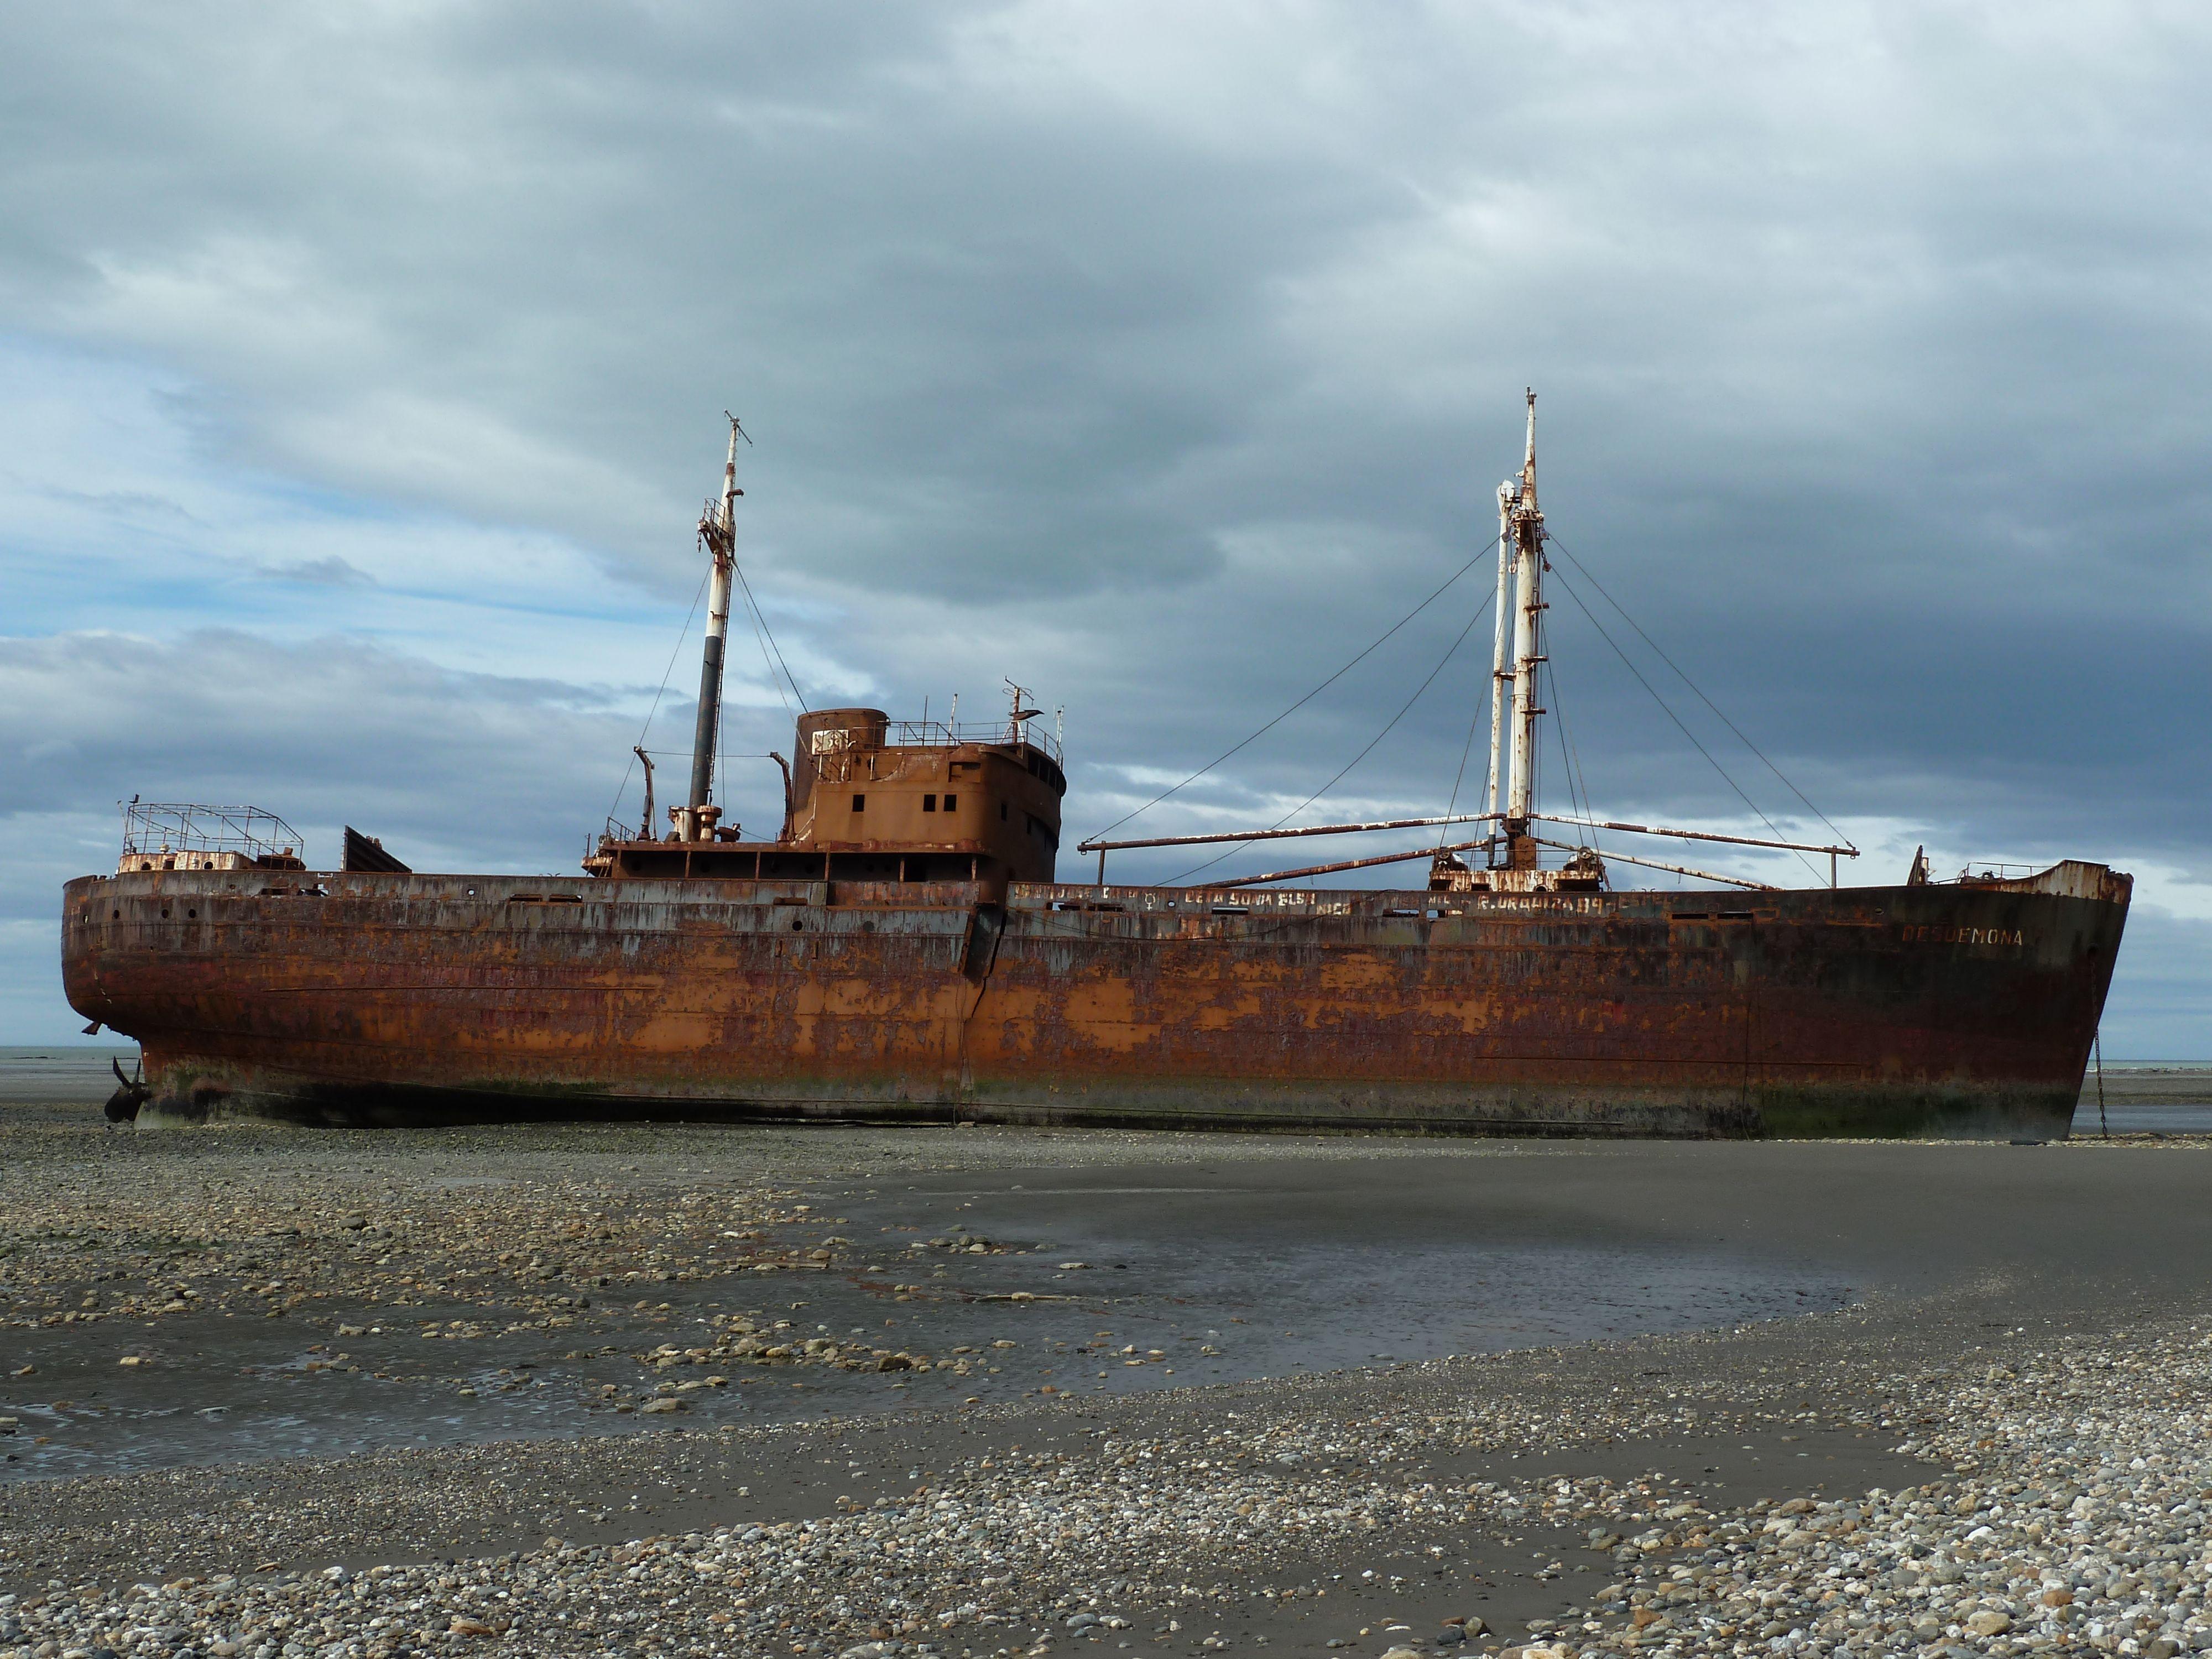 Shipwreck at Sao Palo